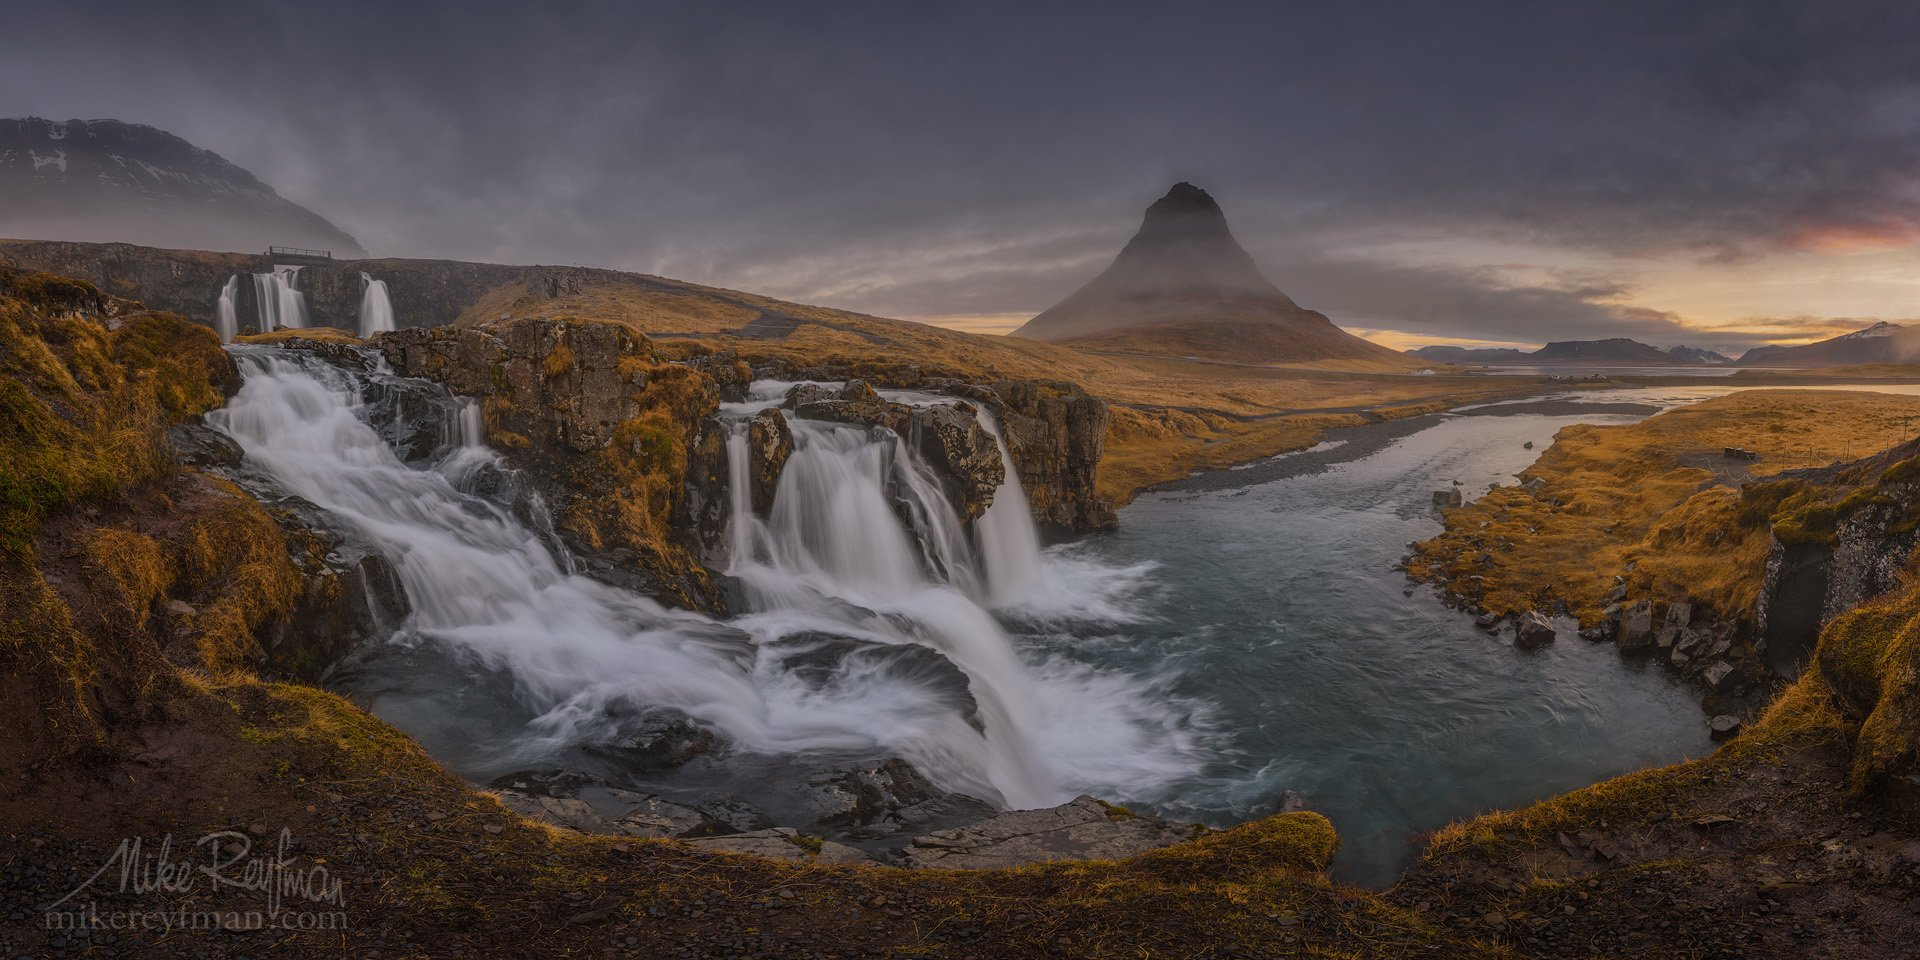 church mountain falls, kirkjufell, kirkjufellsfoss, grundarfjorour, snæfellsnes peninsula, iceland, pano, panoramic, Майк Рейфман